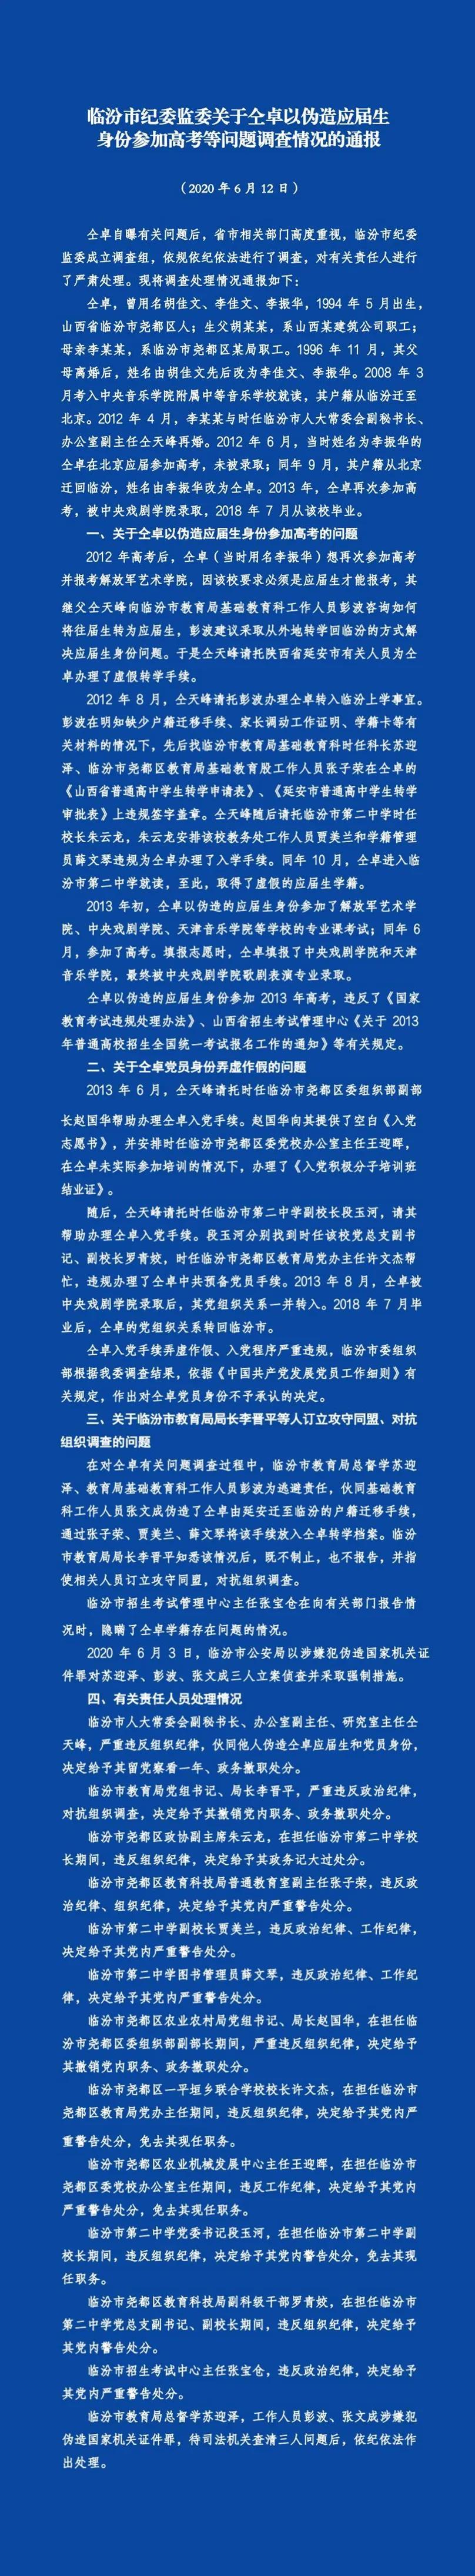 【google搜索引擎优化】_临汾纪监委:仝卓继父托人伪造其应届生身份被撤职 多人被处分